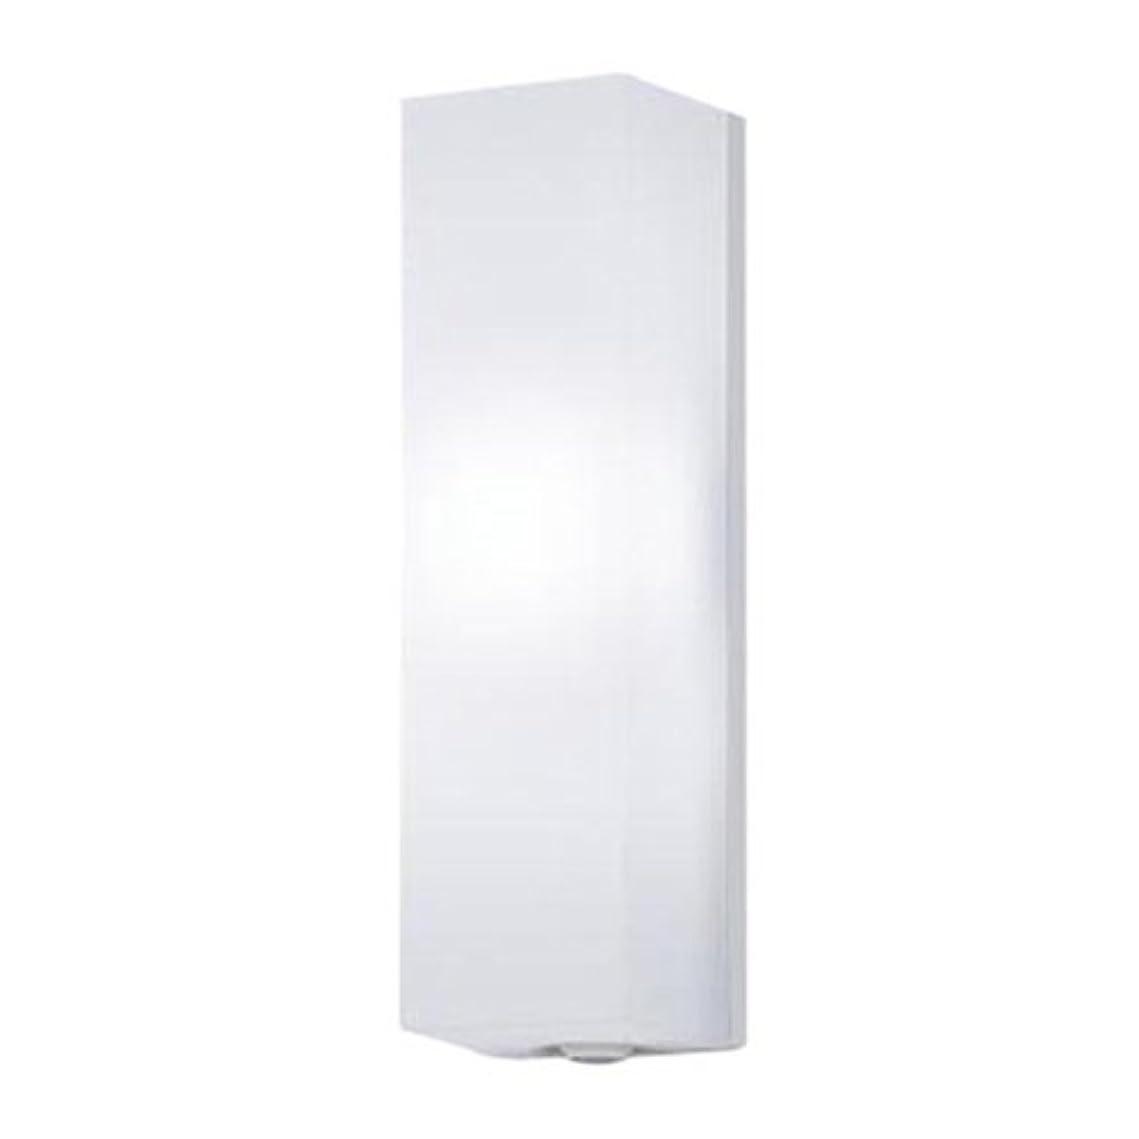 入場料アシスタントシャープPanasonic LED ポーチライト 壁直付型 40形 昼白色 LGWC81290LE1